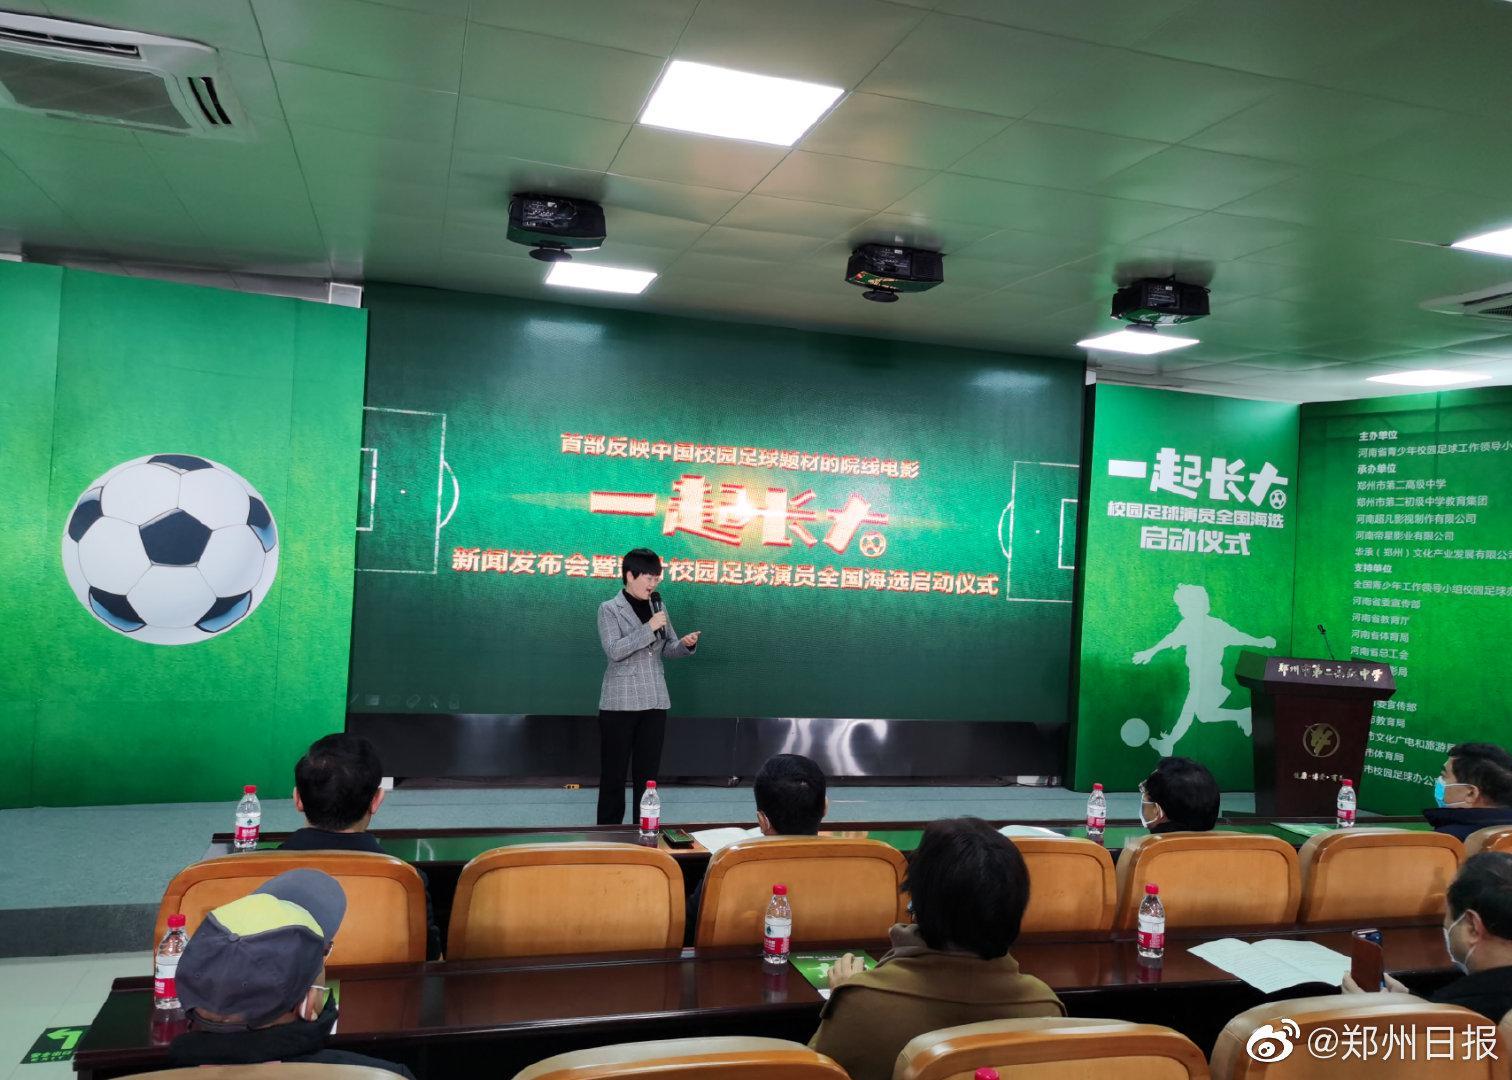 首部中国校园足球题材院线电影《一起长大》项目启动